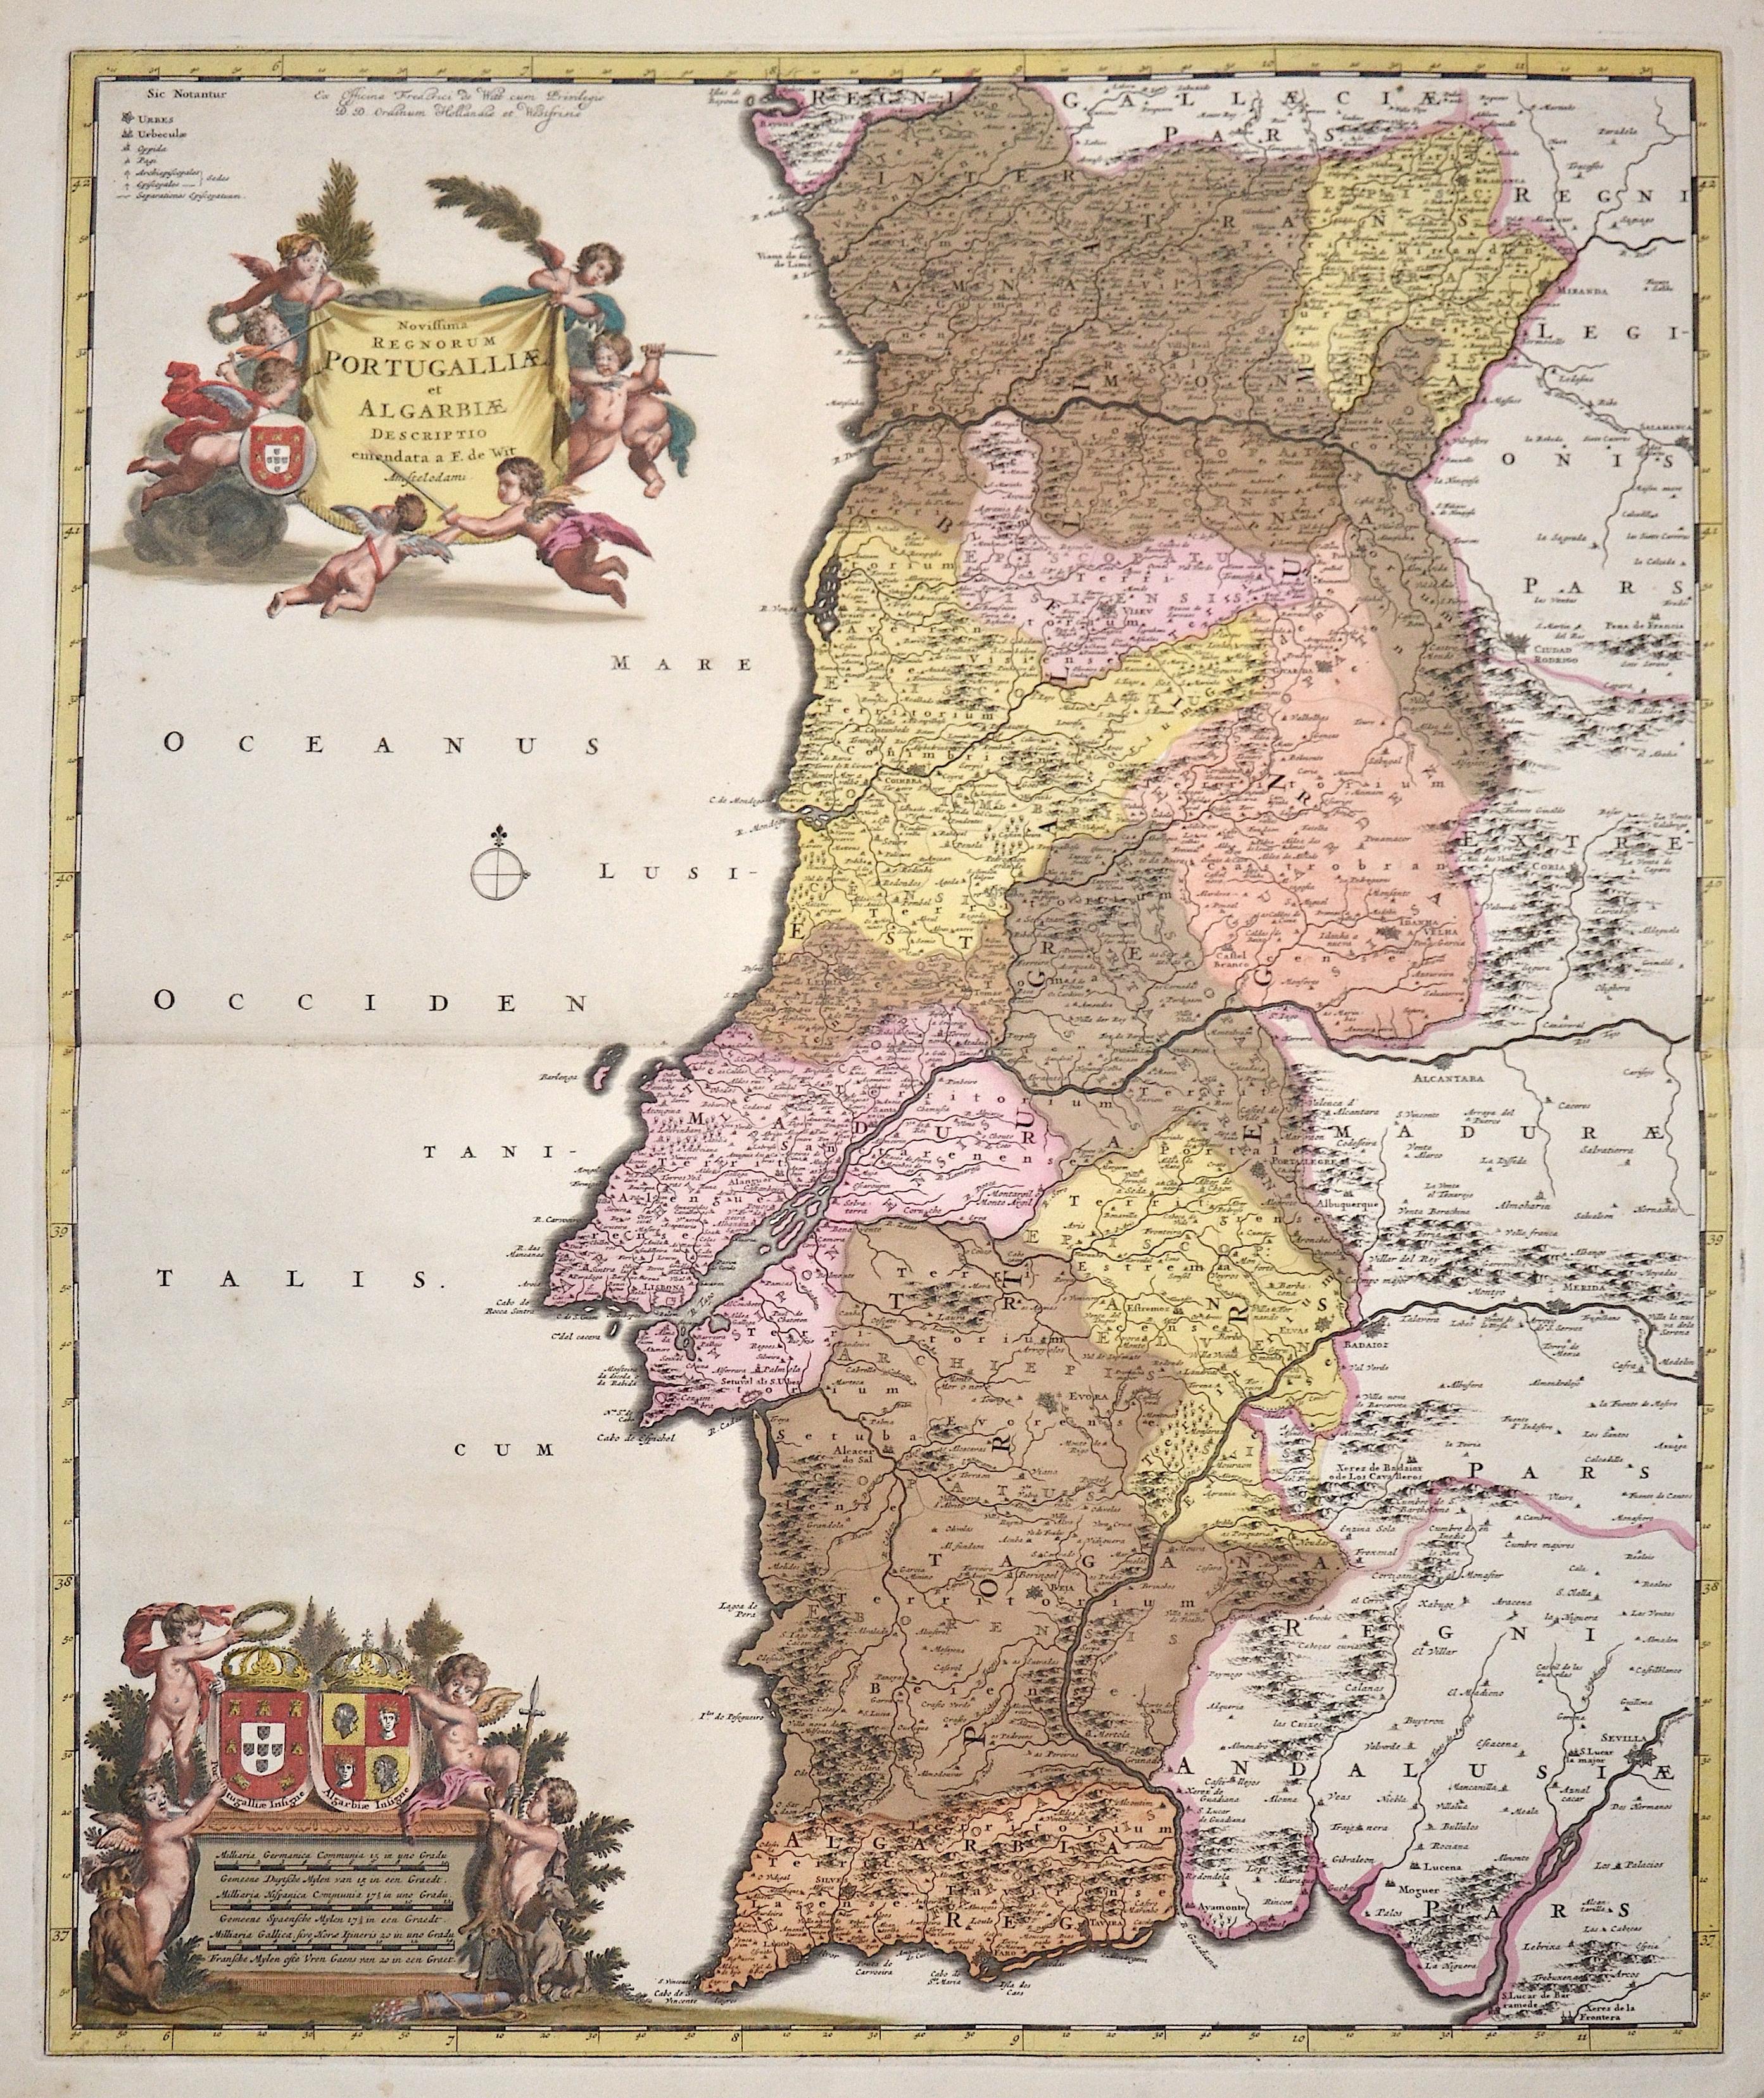 Wit, de  Novissima Regnorum Portugalliae et Algarbiae